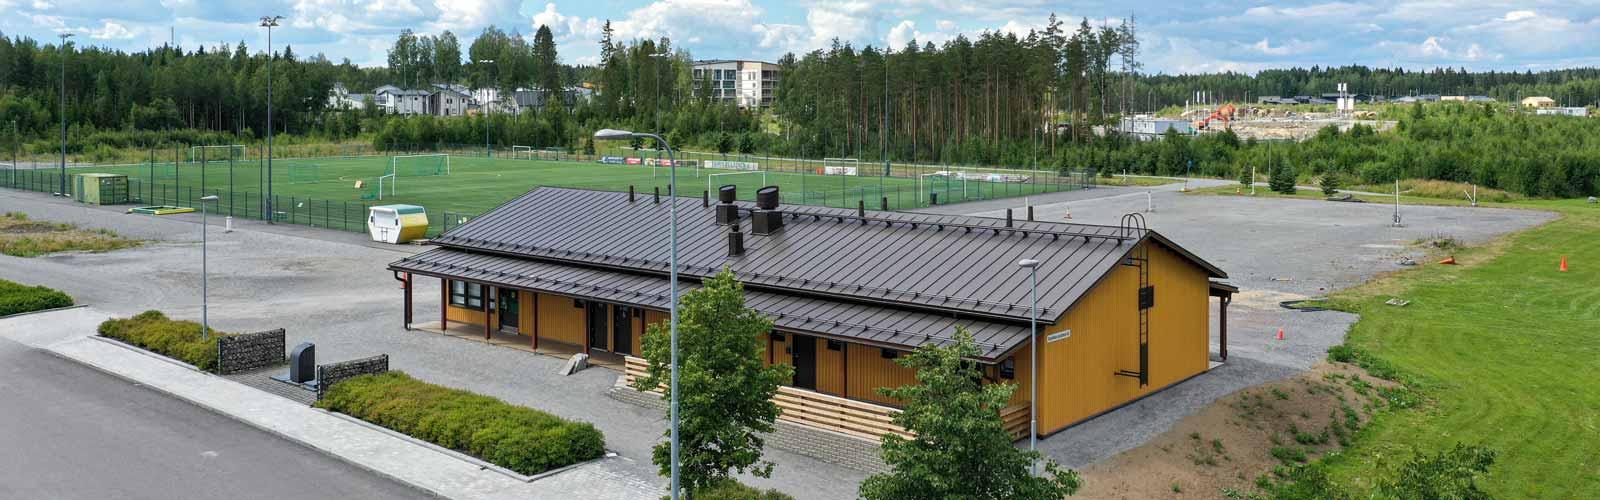 Tampereen Vuoreksen urheilupuiston huoltorakennus moduulirakennus toimitilarakentaminen.